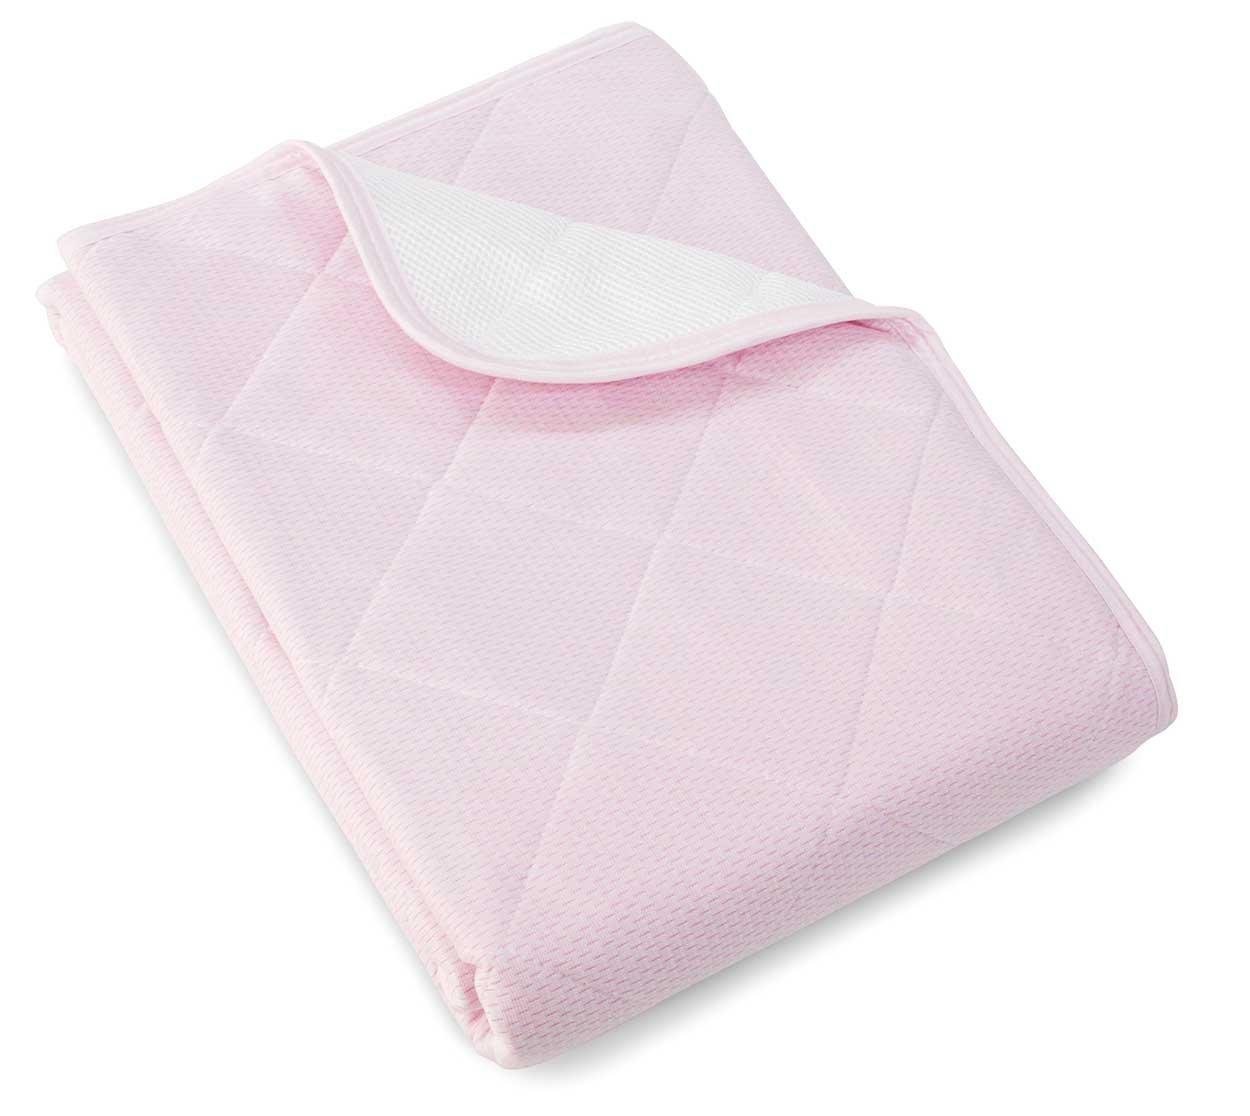 ロマンス小杉 ベットパッド敷きパッド ピンク (約)100×205cm 接触冷感 1-3131-5210-8100 B07B9BYBKR ピンク